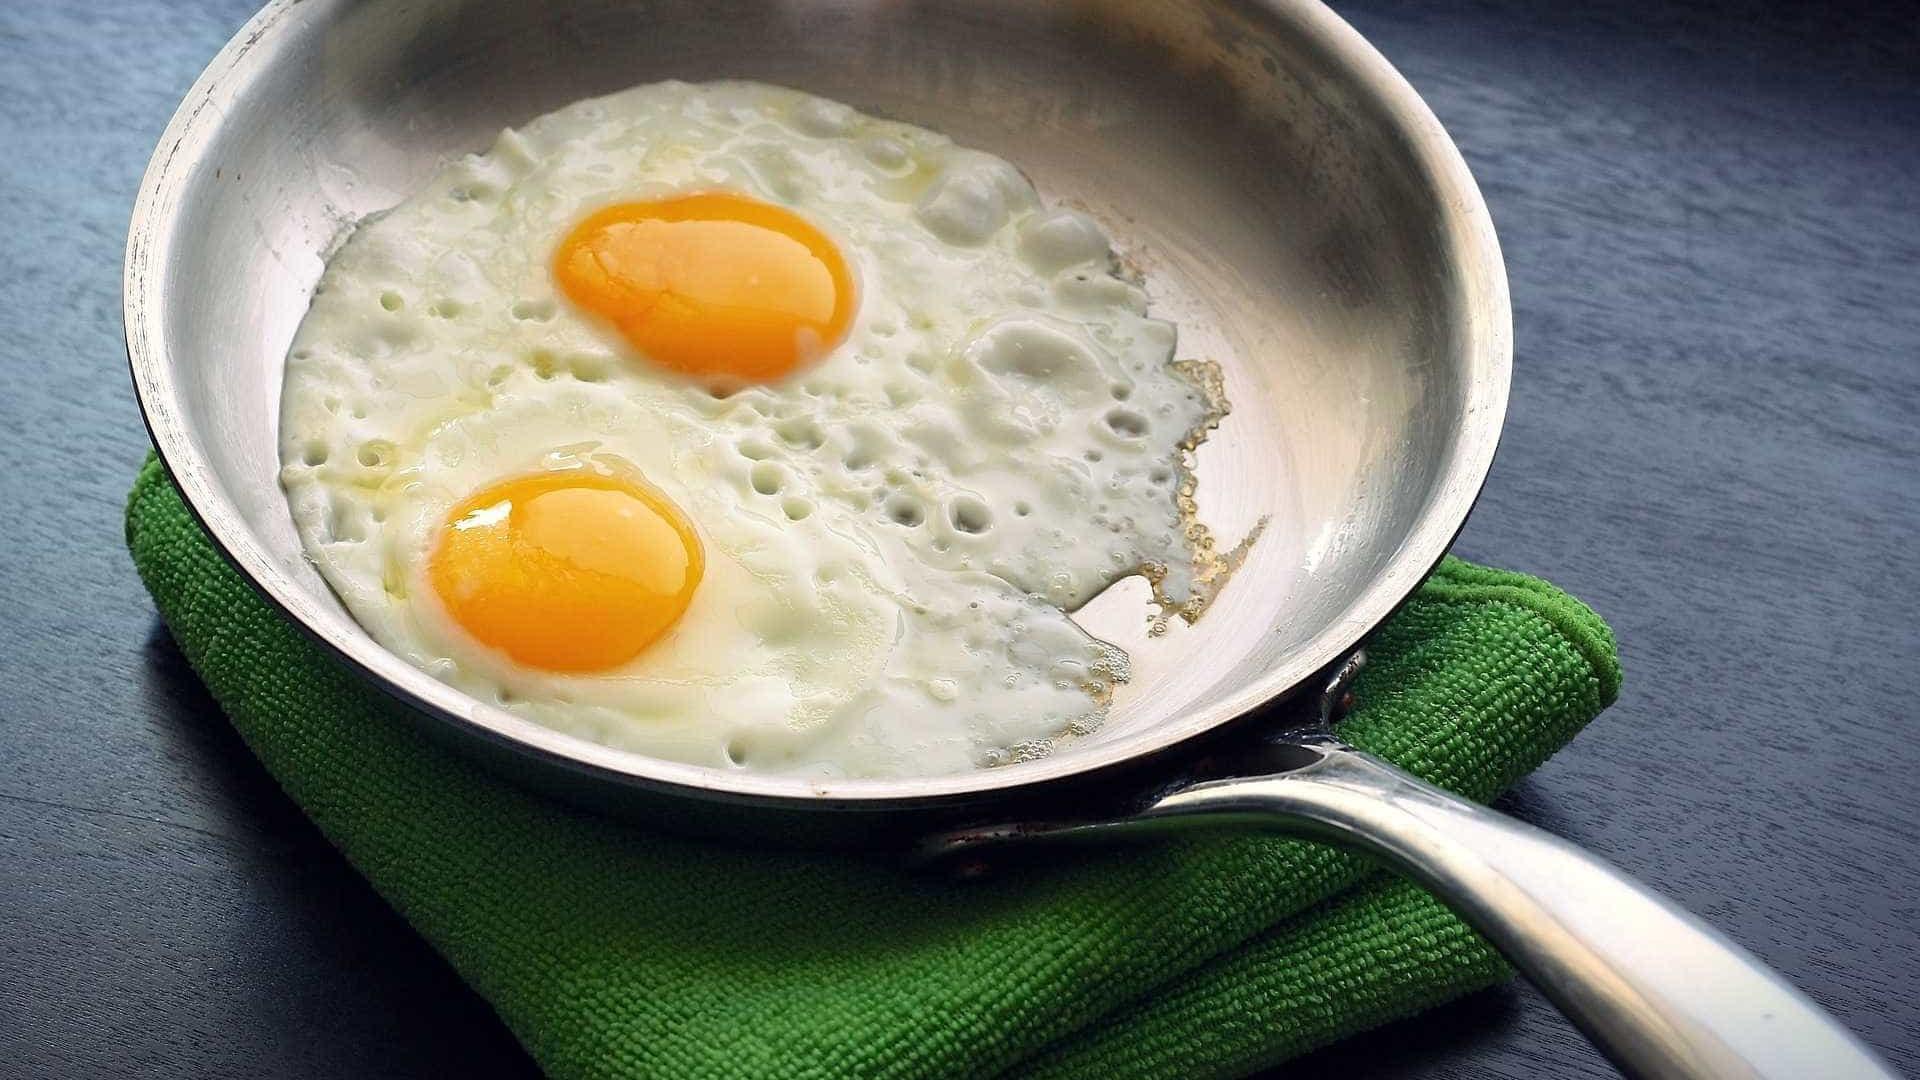 Cardiologistas estabelecem valores mais rígidos de colesterol ruim